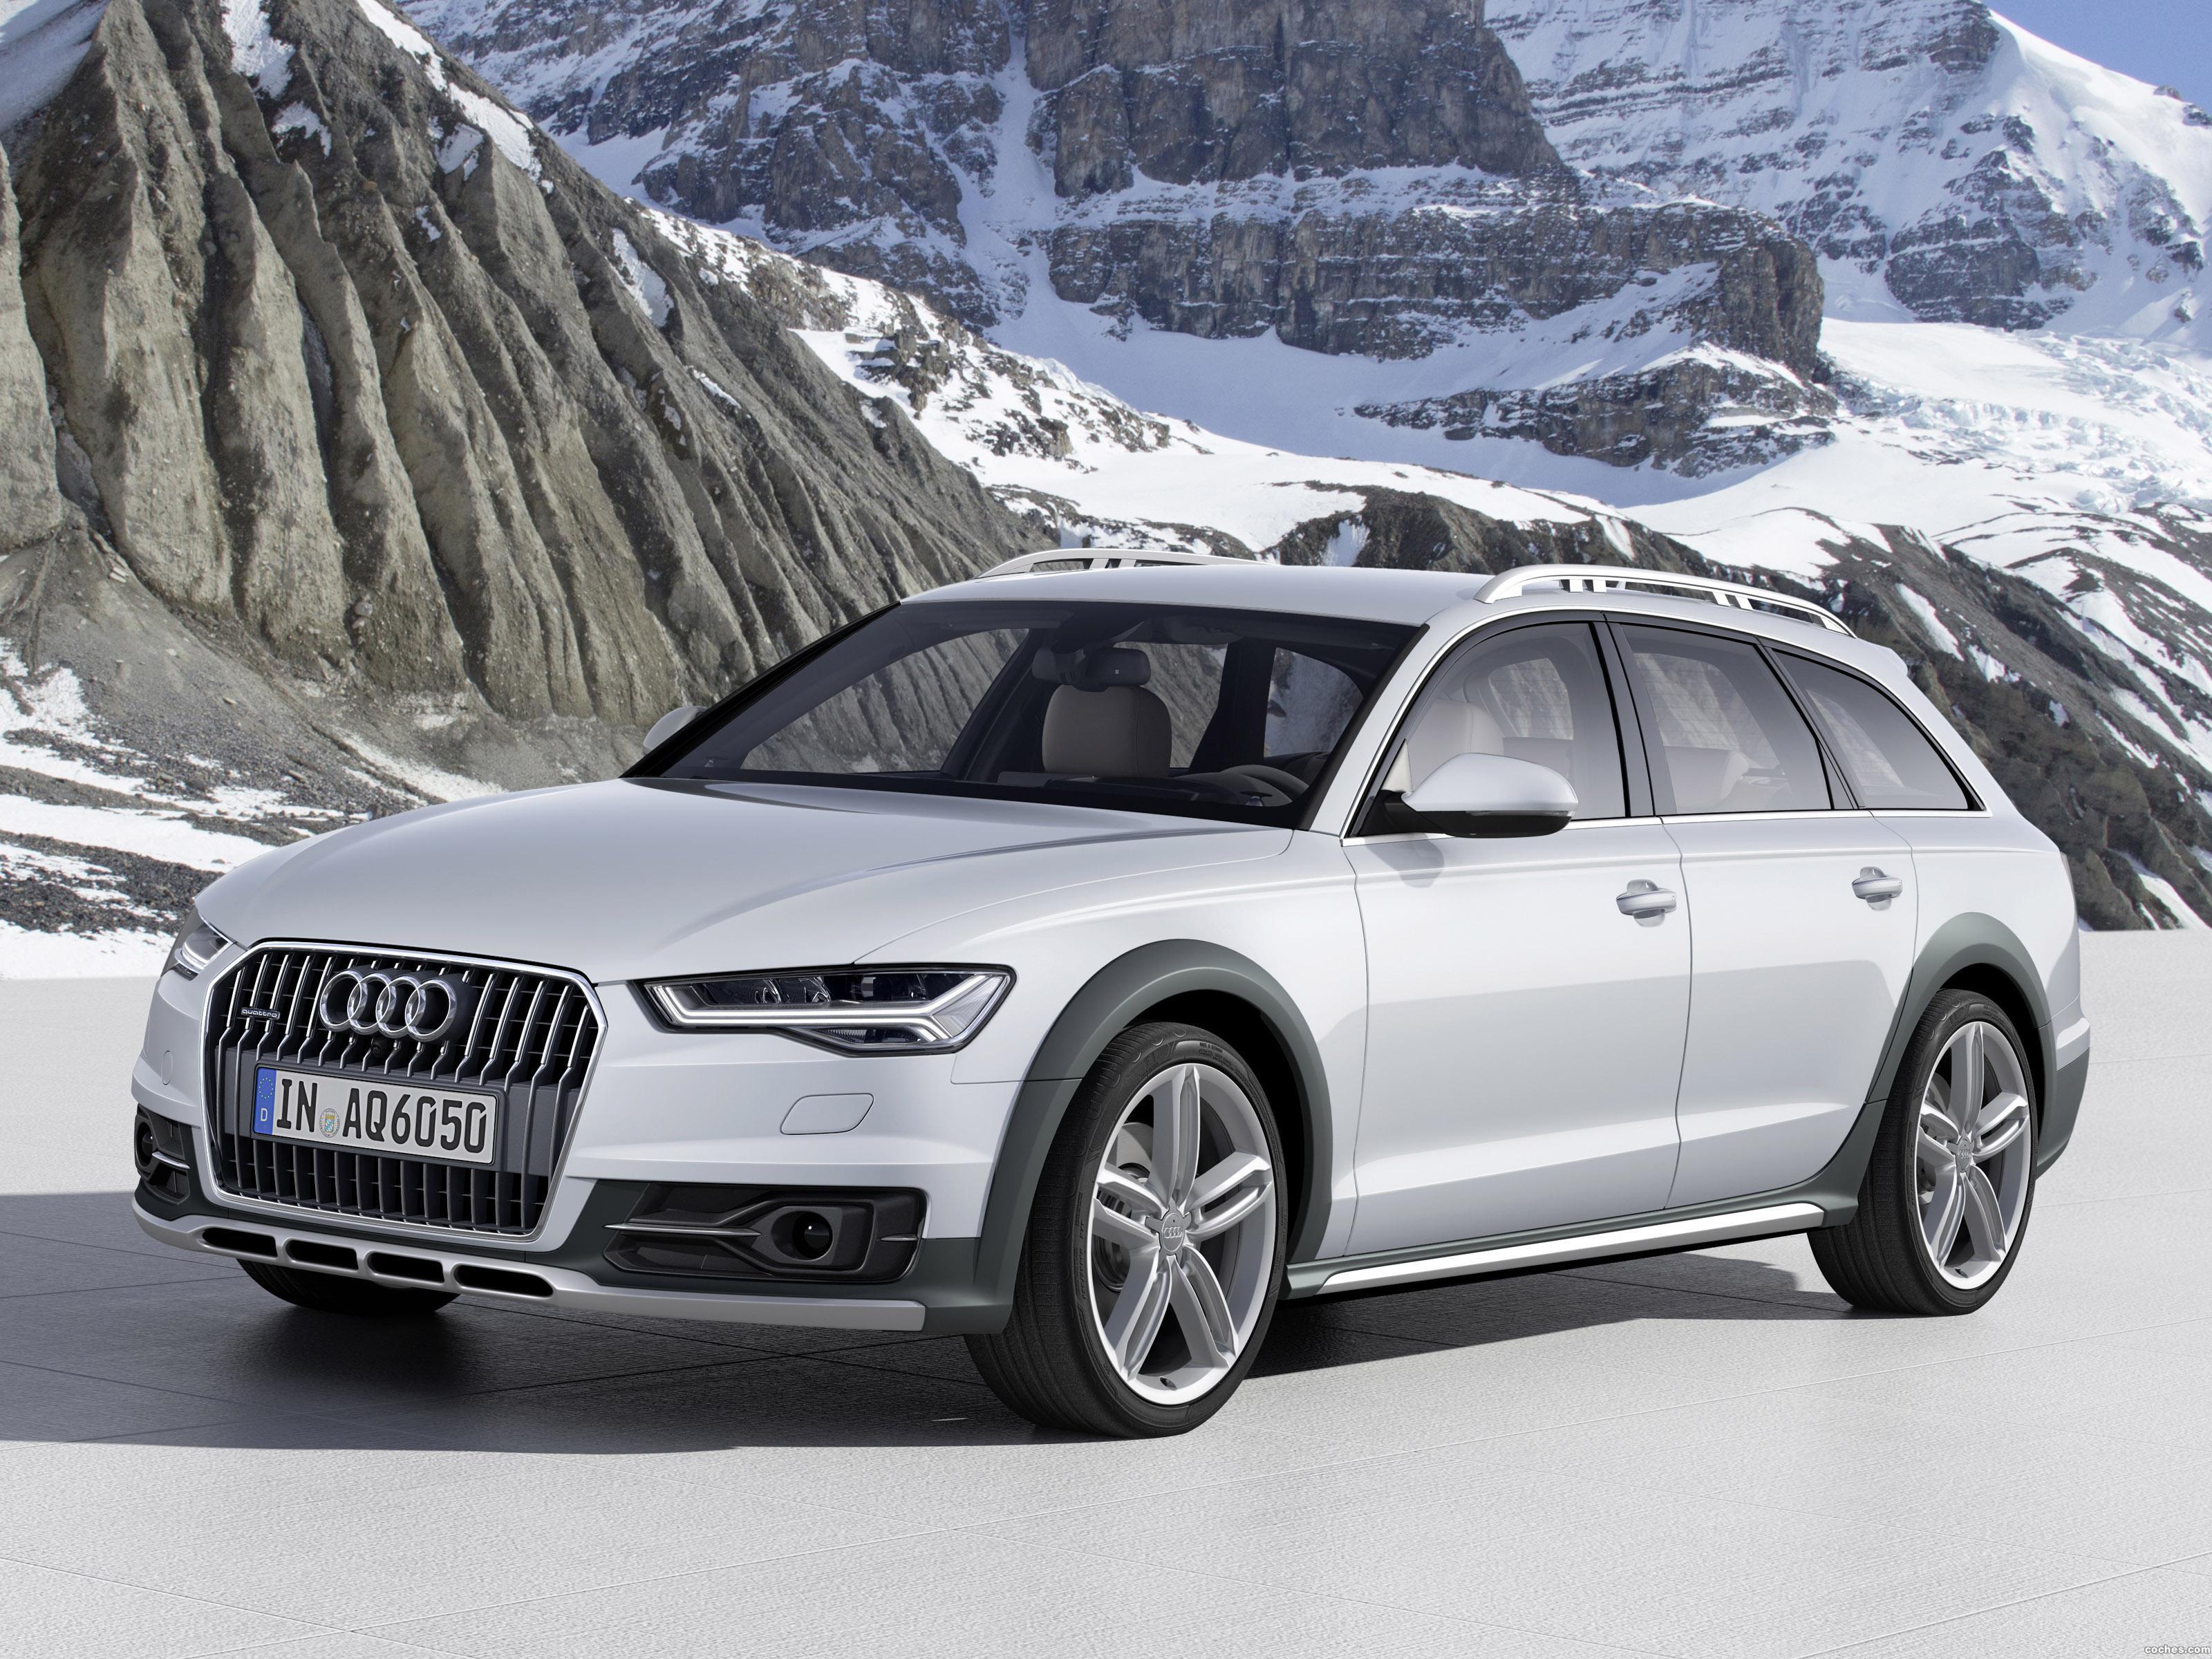 Foto 0 de Audi A6 Allroad Quattro 2015